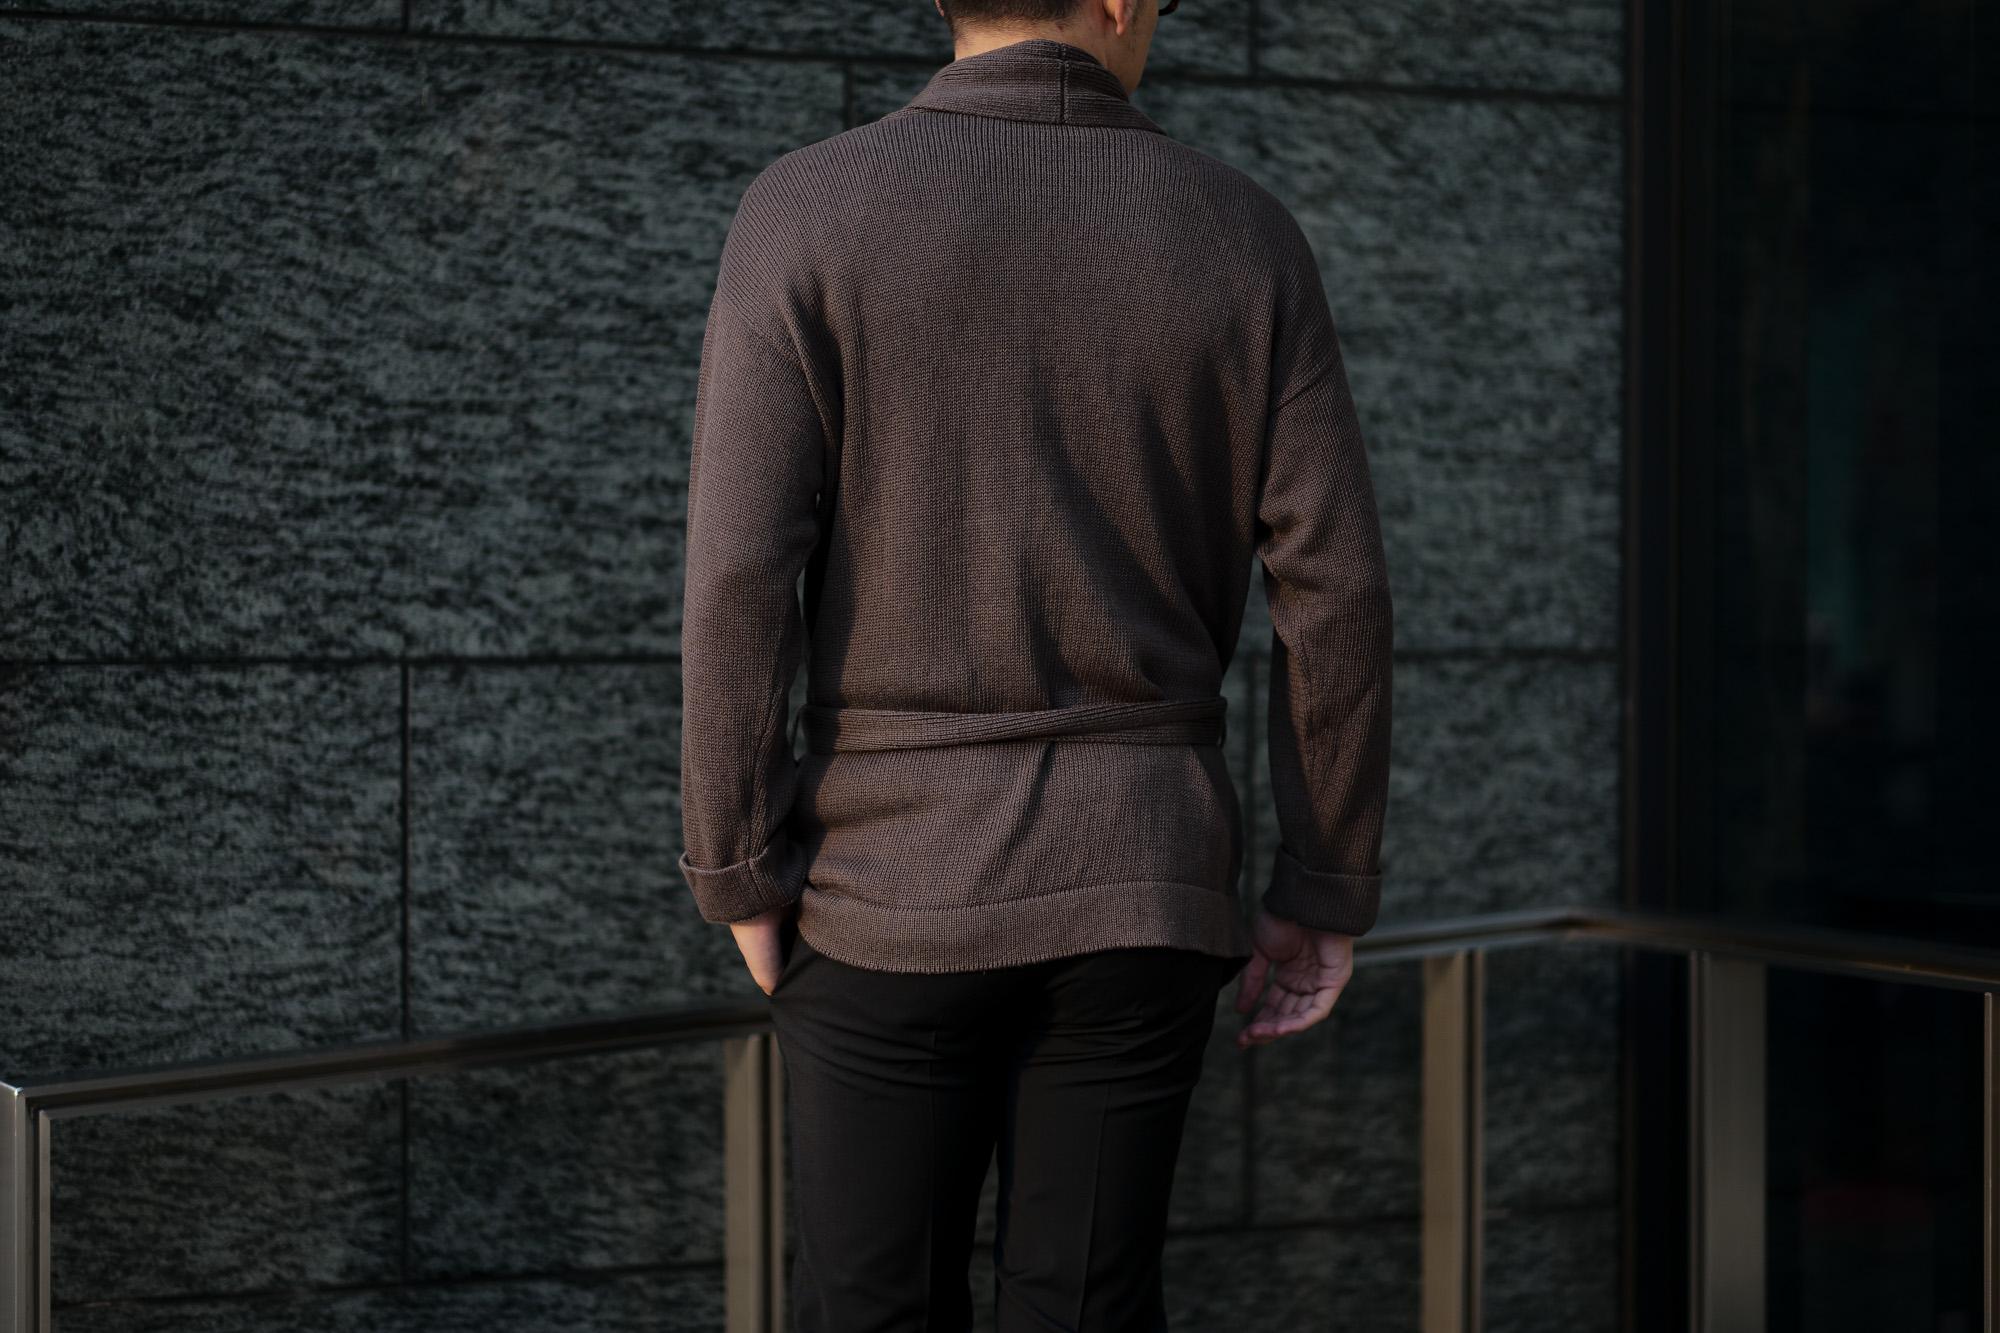 Settefili Cashmere(セッテフィーリ カシミア) Belted Shawl Collar Cardigan (ベルテッド ショールカラー カーディガン) リネンコットン ニット カーディガン BROWN (ブラウン・MA20) made in italy (イタリア製) 2020 春夏新作 愛知 名古屋 altoediritto アルトエデリット